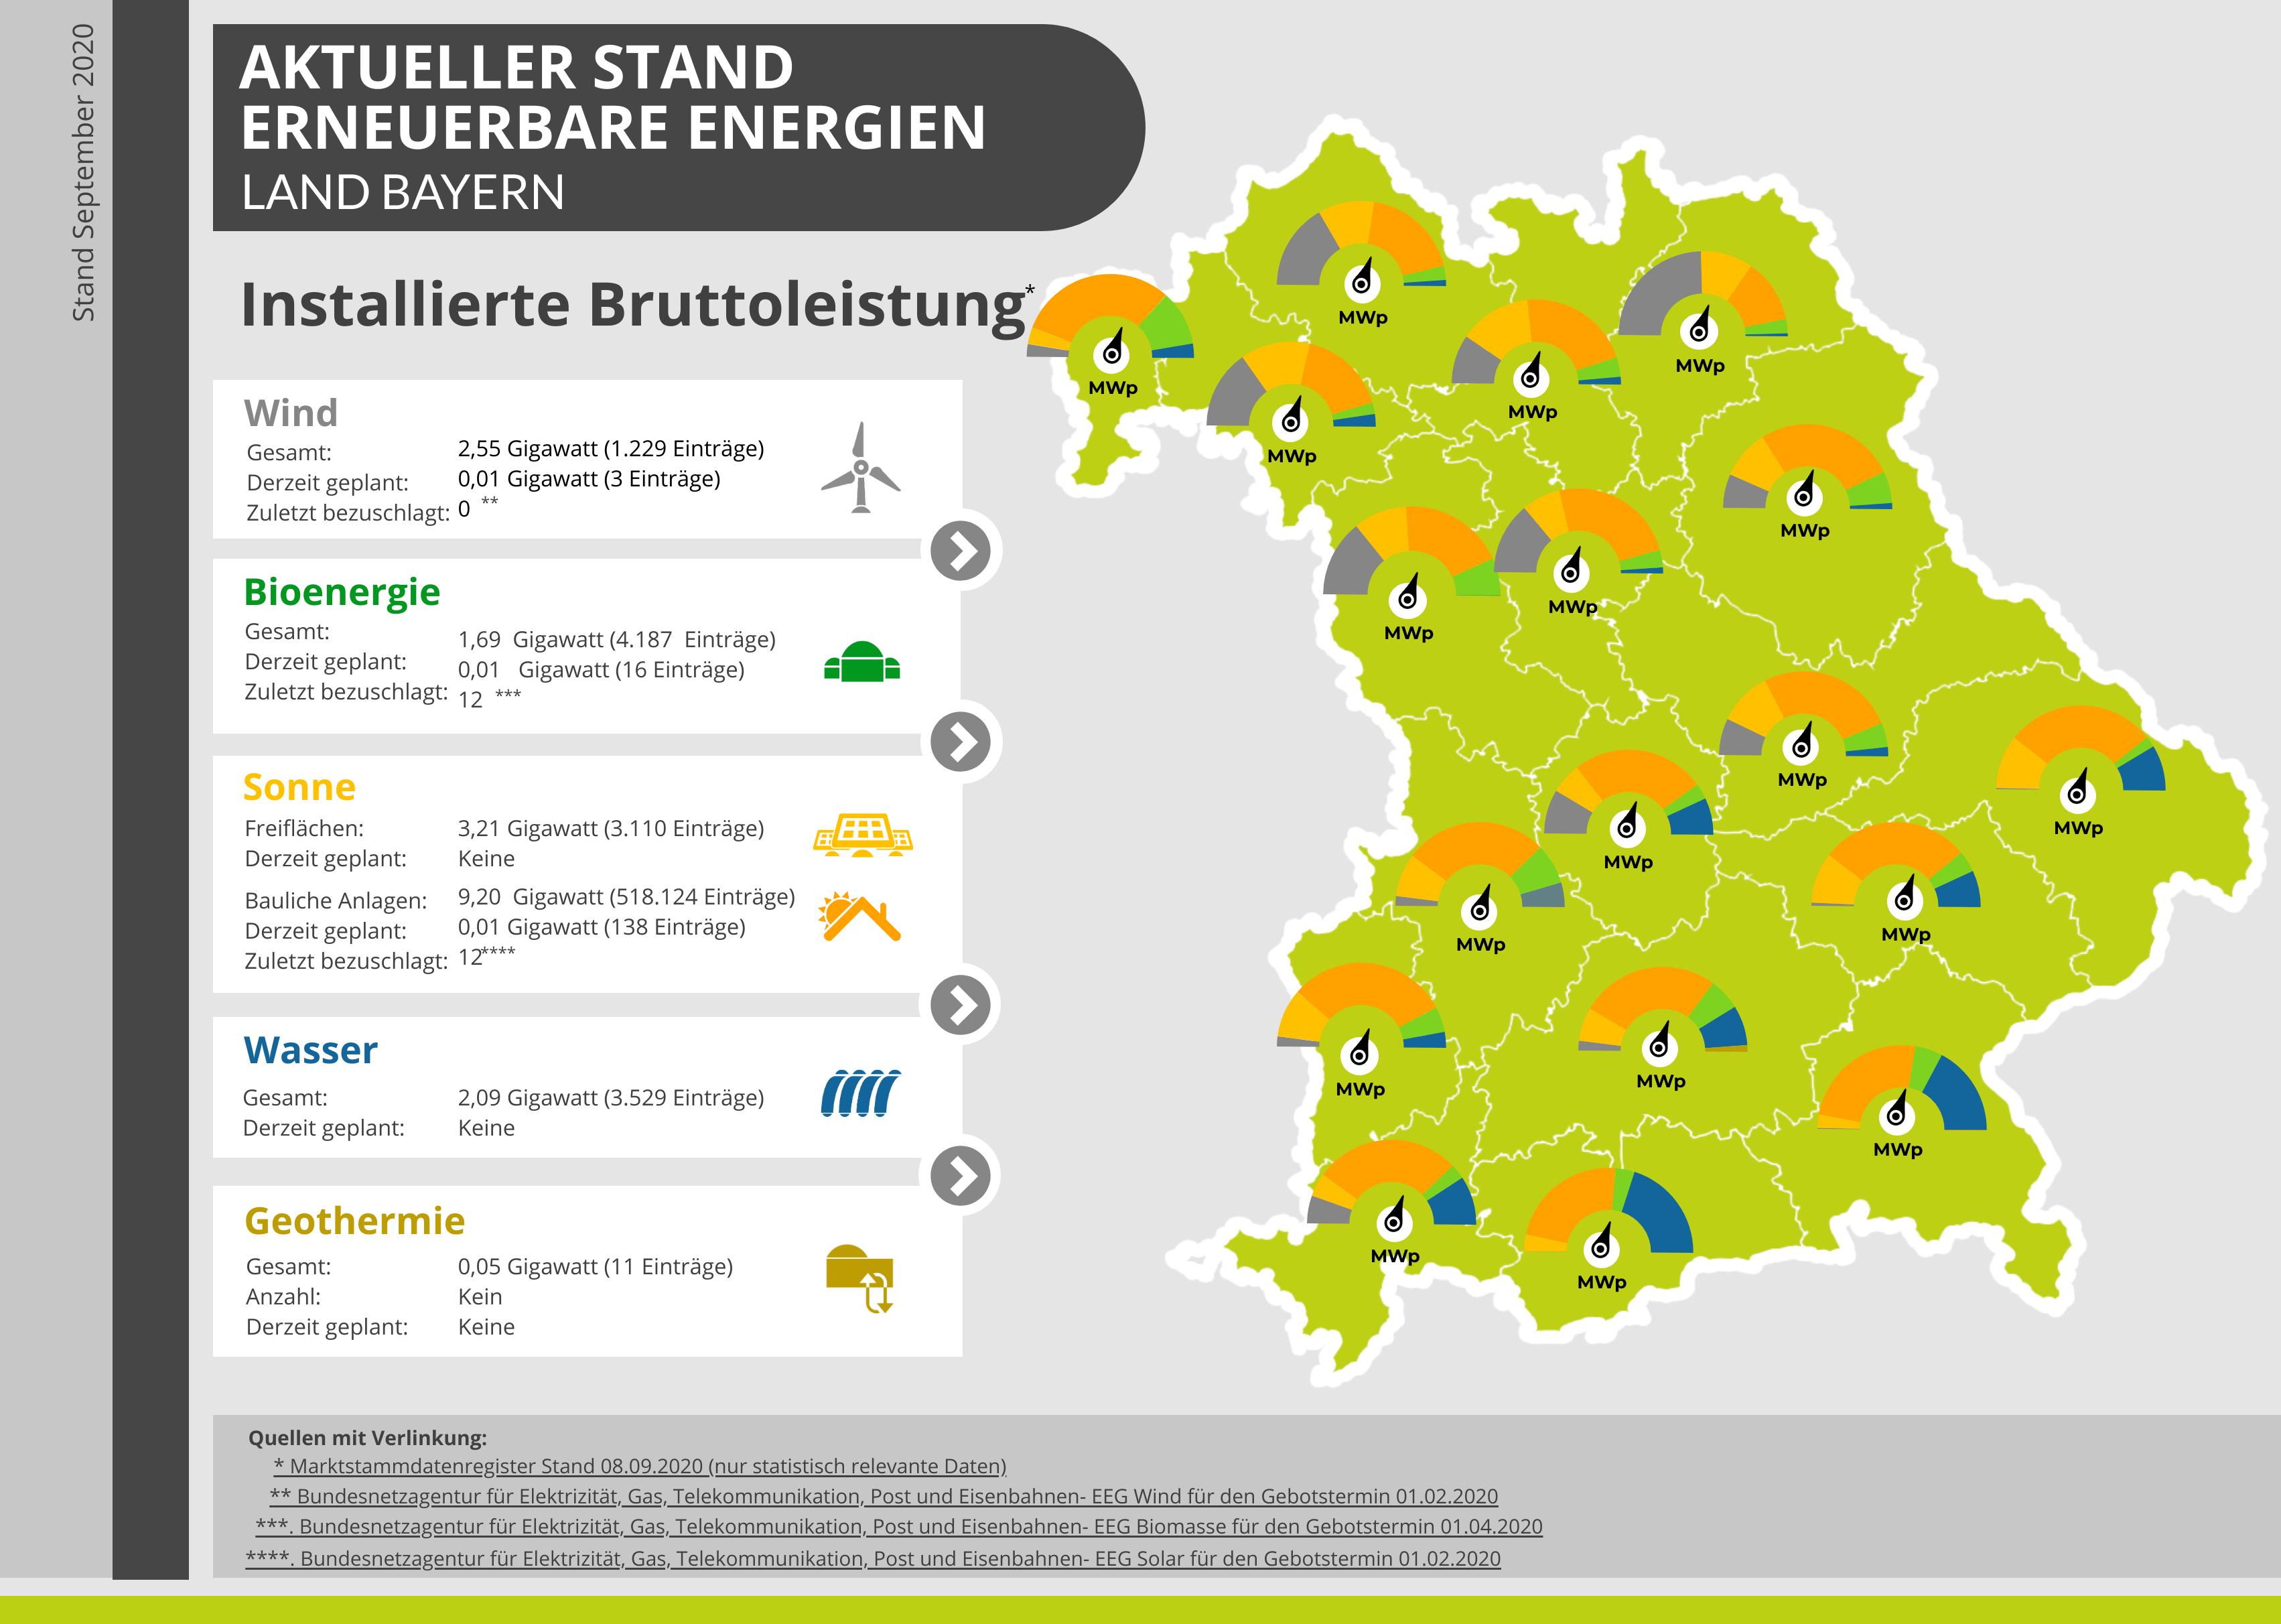 Karte ueber die Erzeugung erneuerbarer Energien in Bayern.